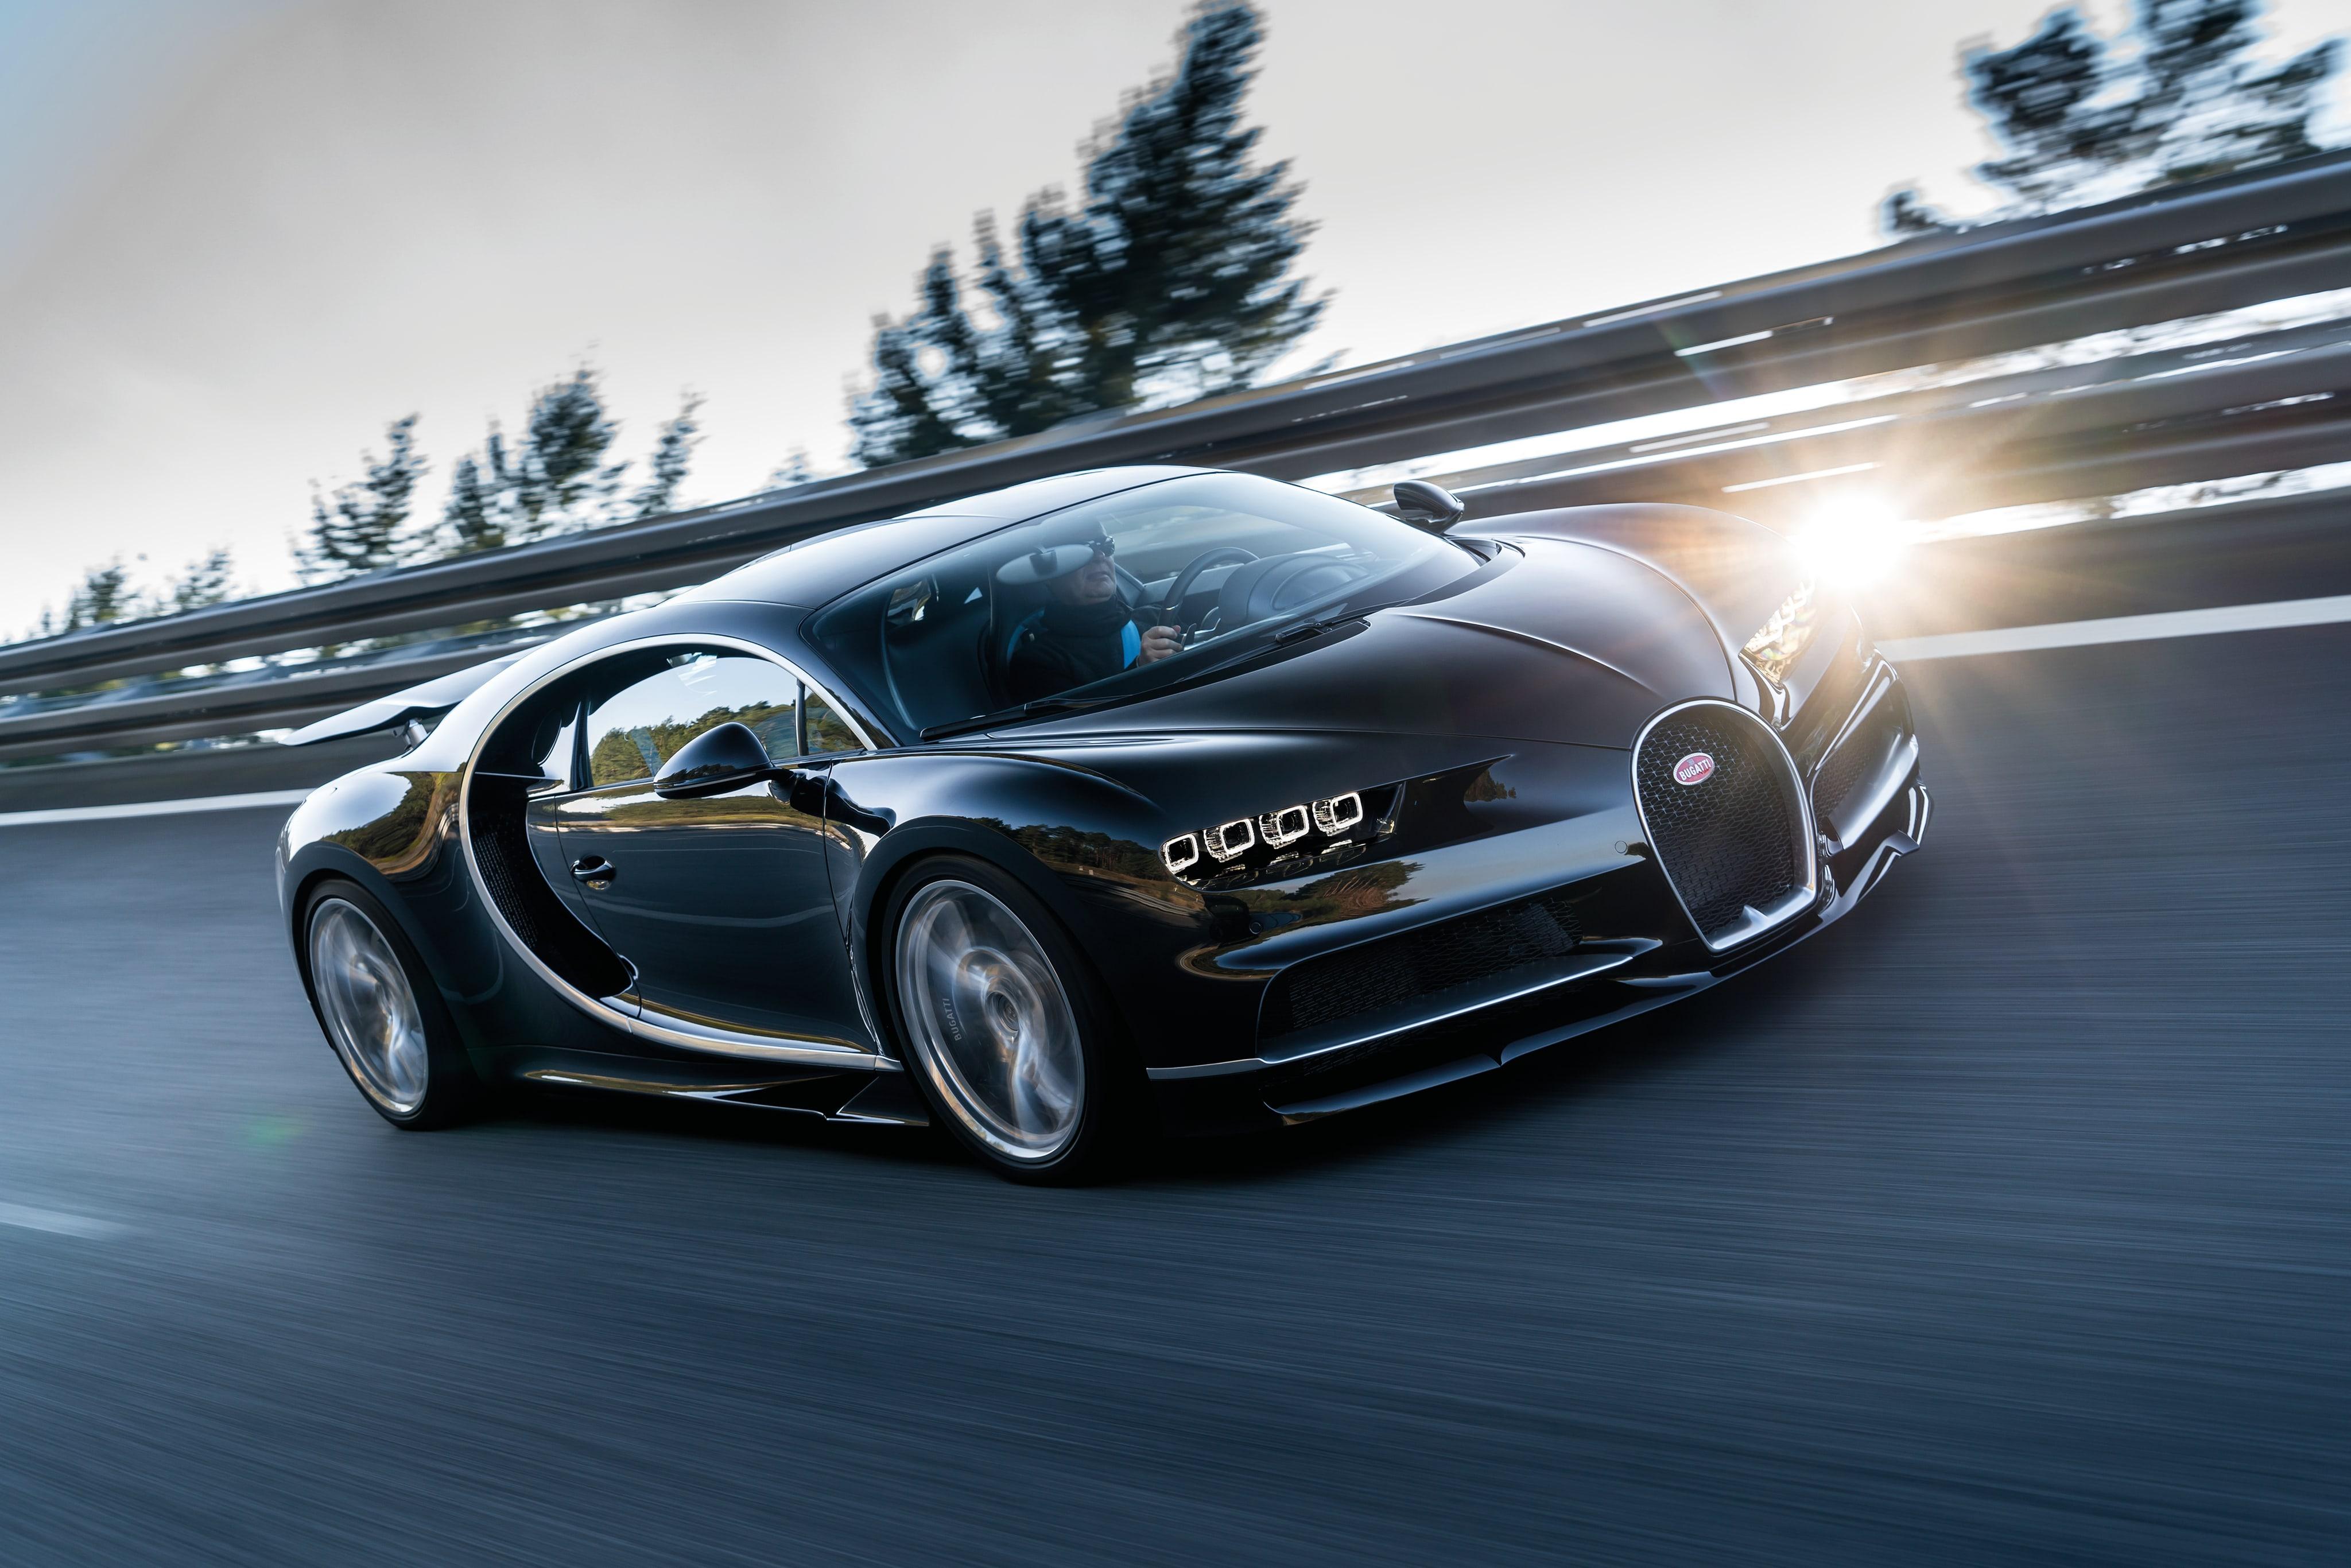 Bugatti Chiron Hd Wallpapers 7wallpapers Net